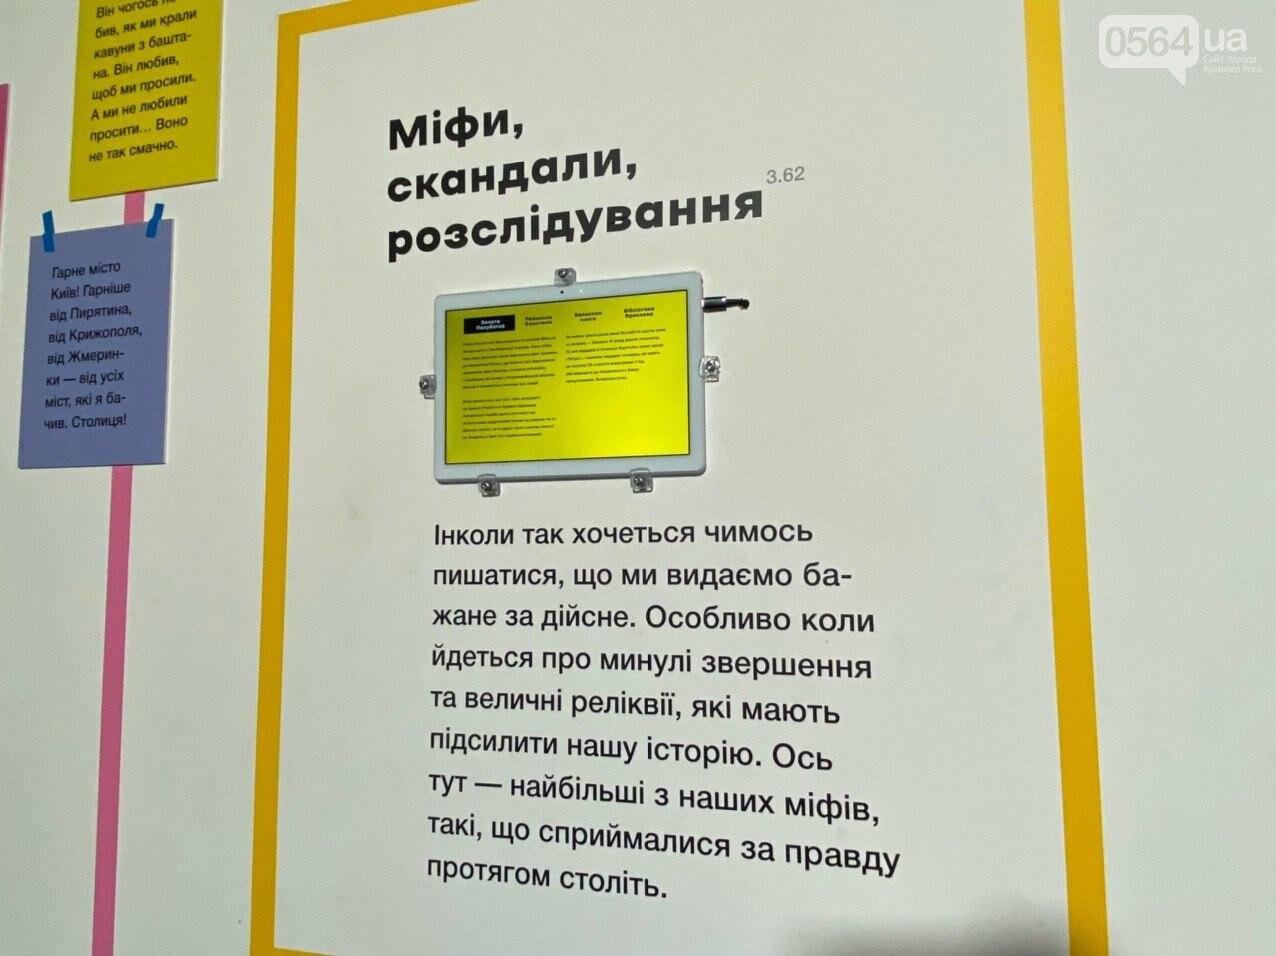 Ukraine WOW: что можно было узнать о Кривом Роге на интерактивной выставке, - ФОТО , фото-69